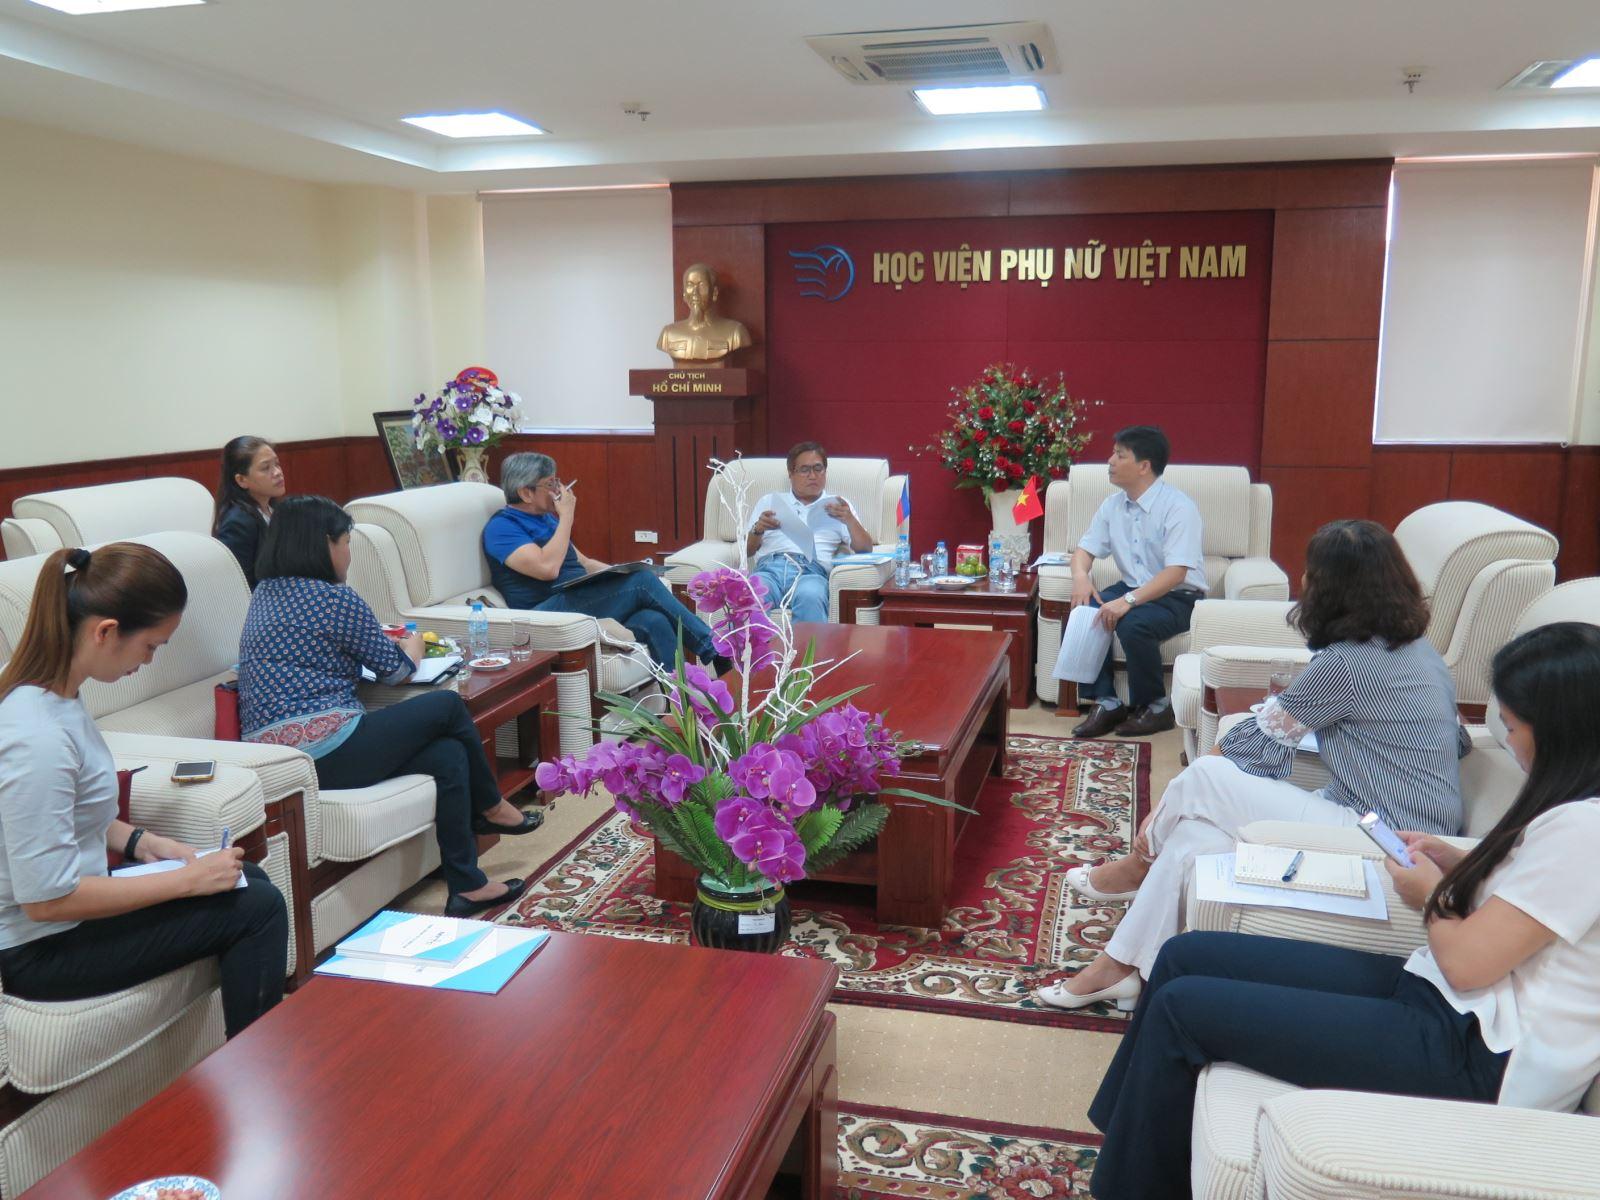 Học viện Phụ nữ Việt Nam đón tiếp đoàn đại biểu tổ chức CARD MRI, Philippines